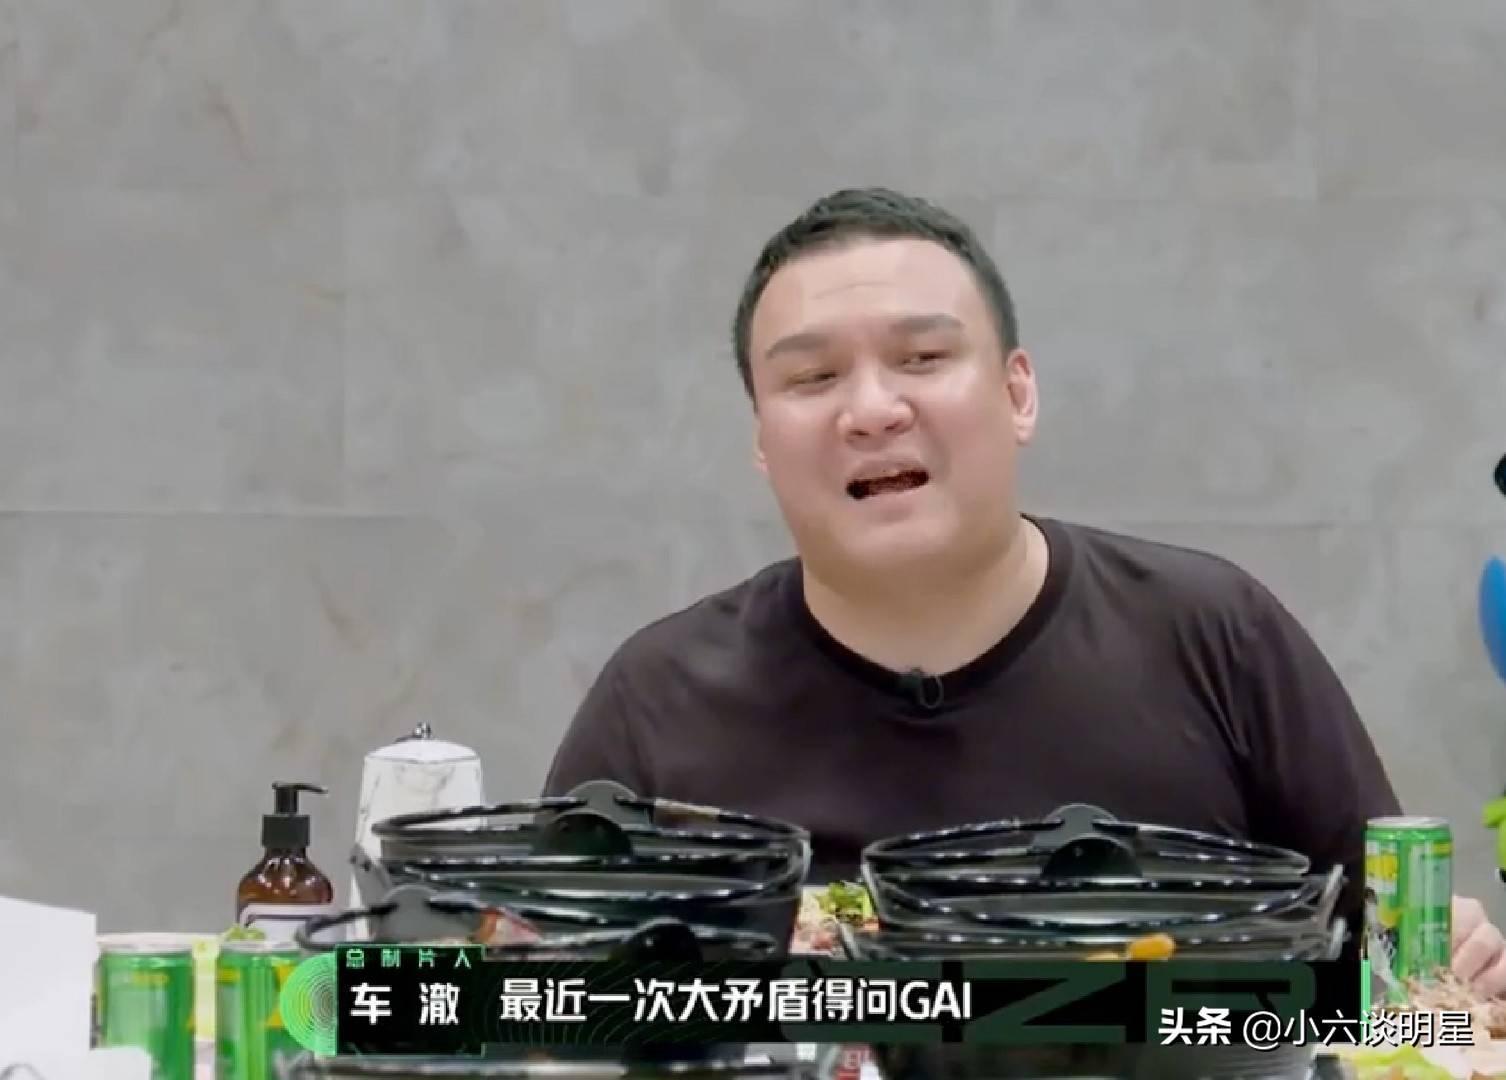 beef是什么意思(说唱中beef的含义)